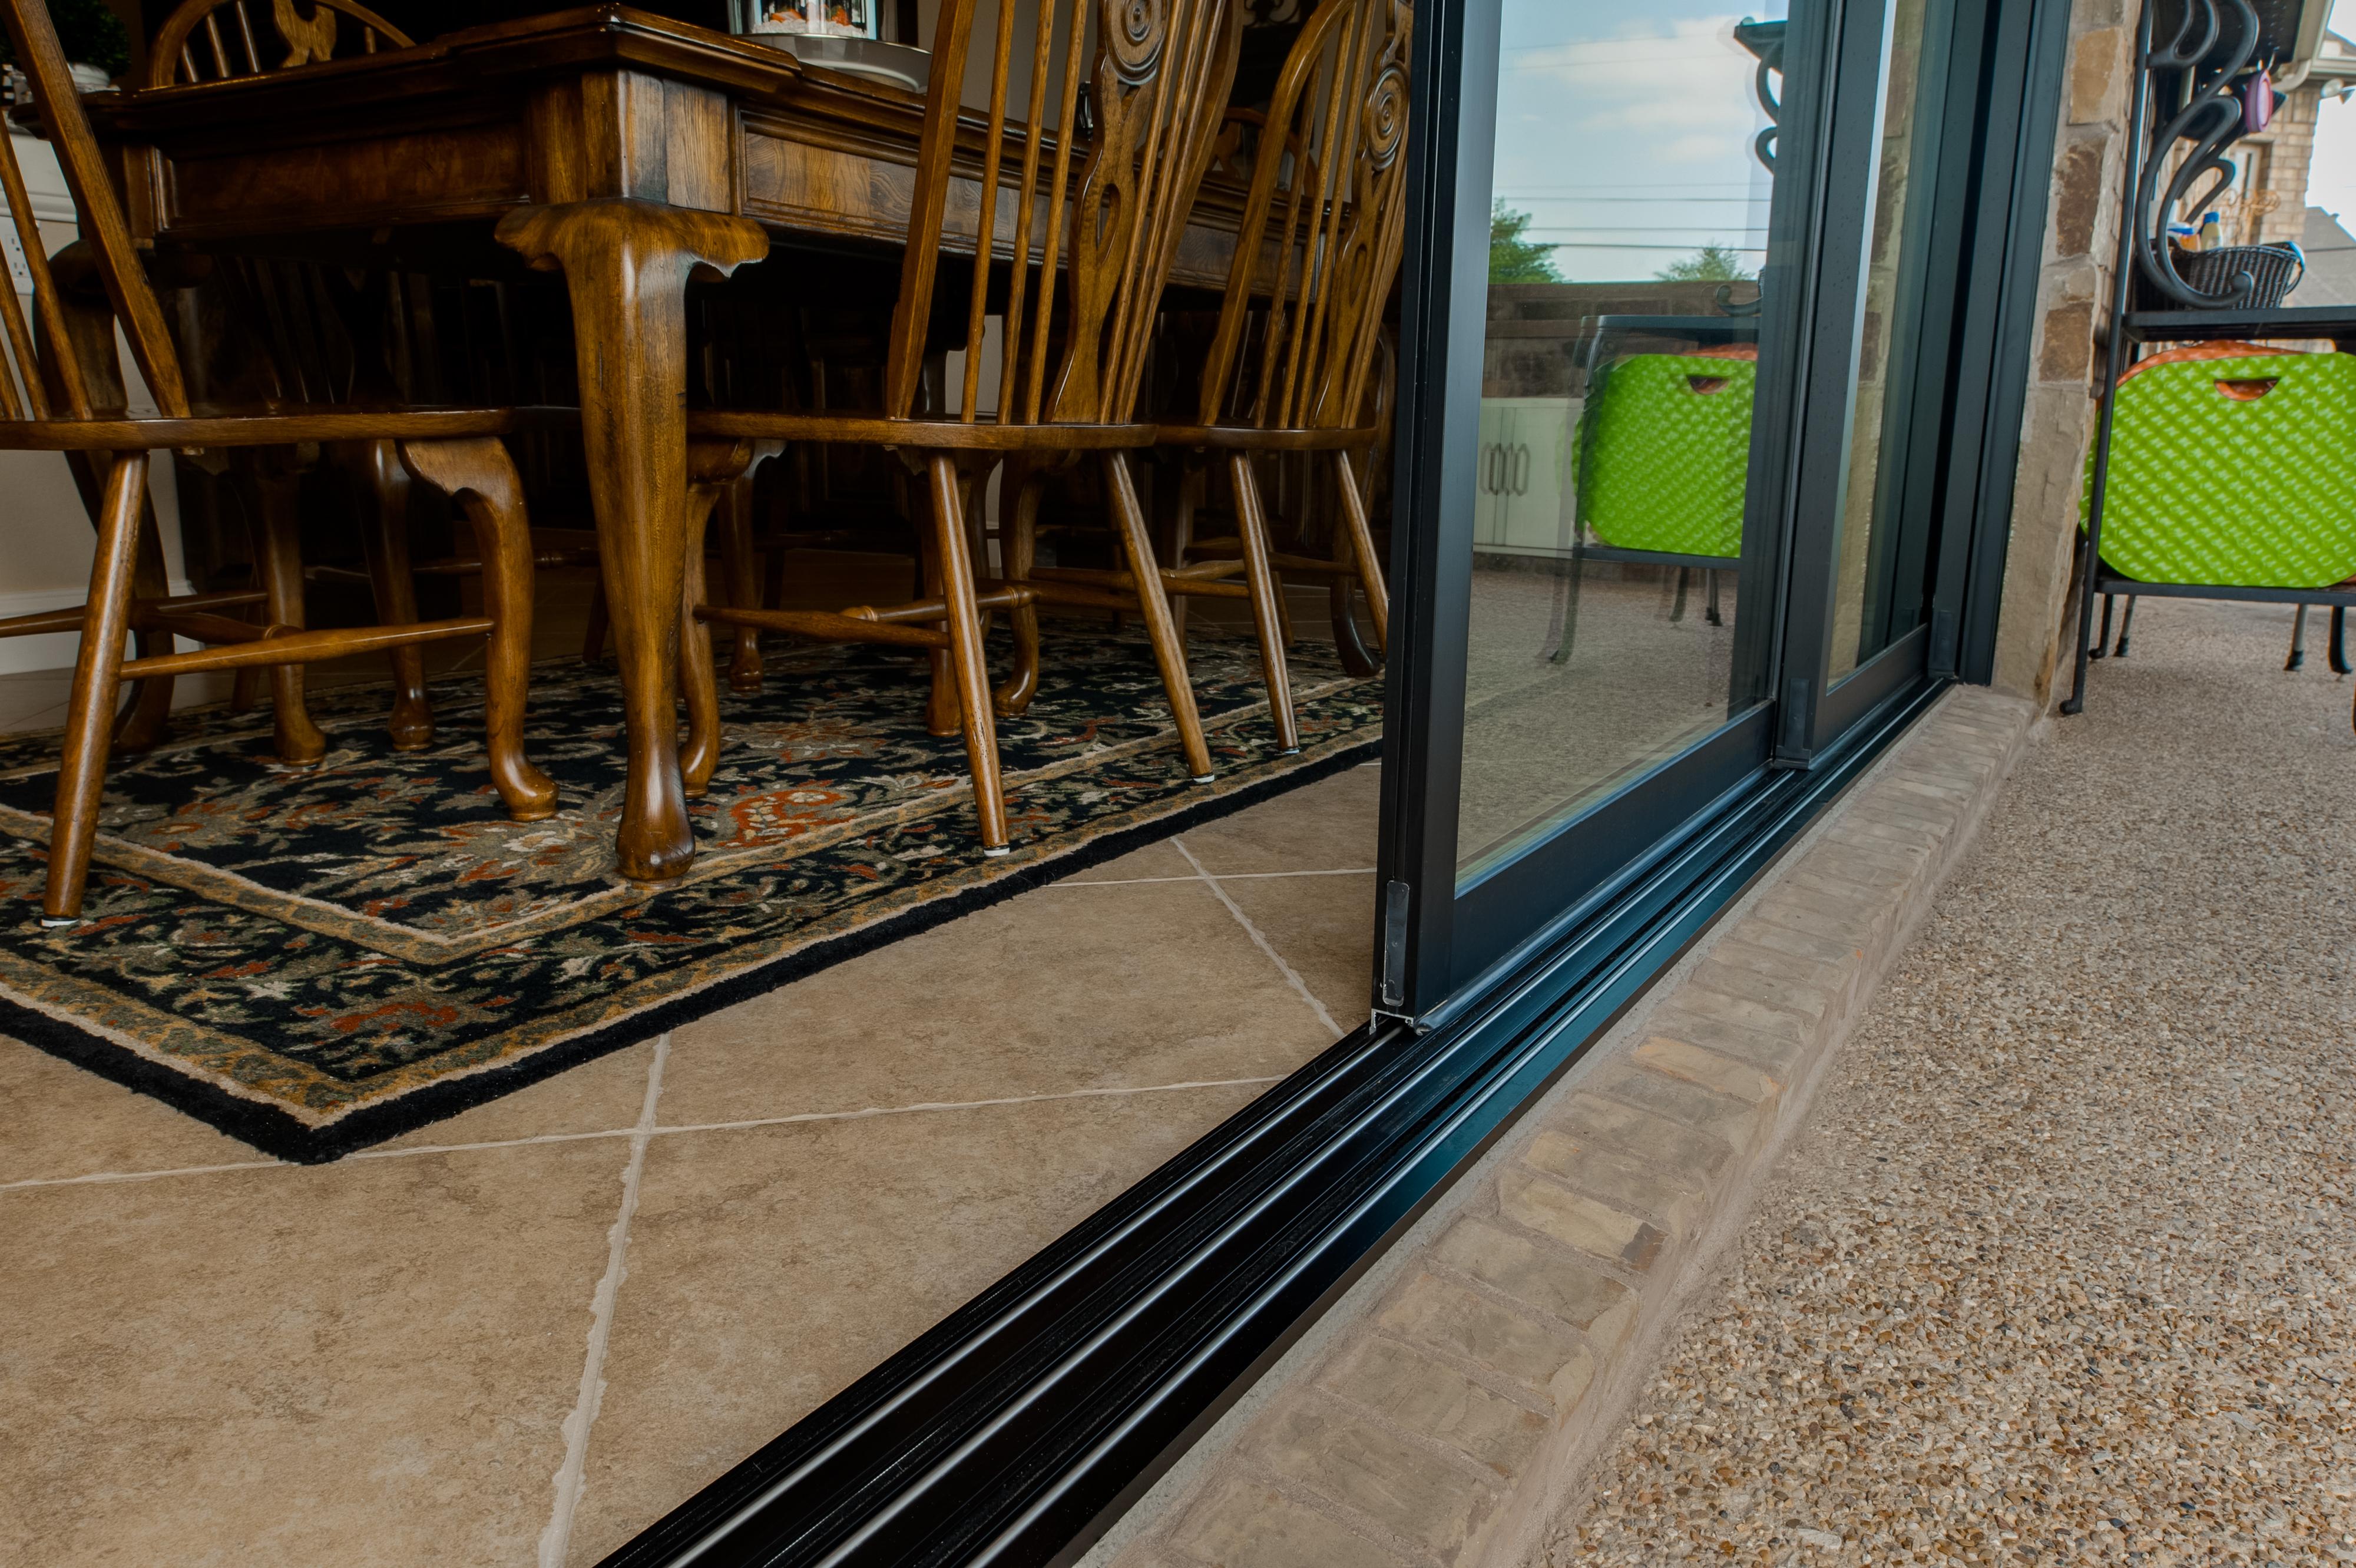 Milgard Moving Glass Wall System, Pocket Door System, By Brennan  Enterprises, Dallas,